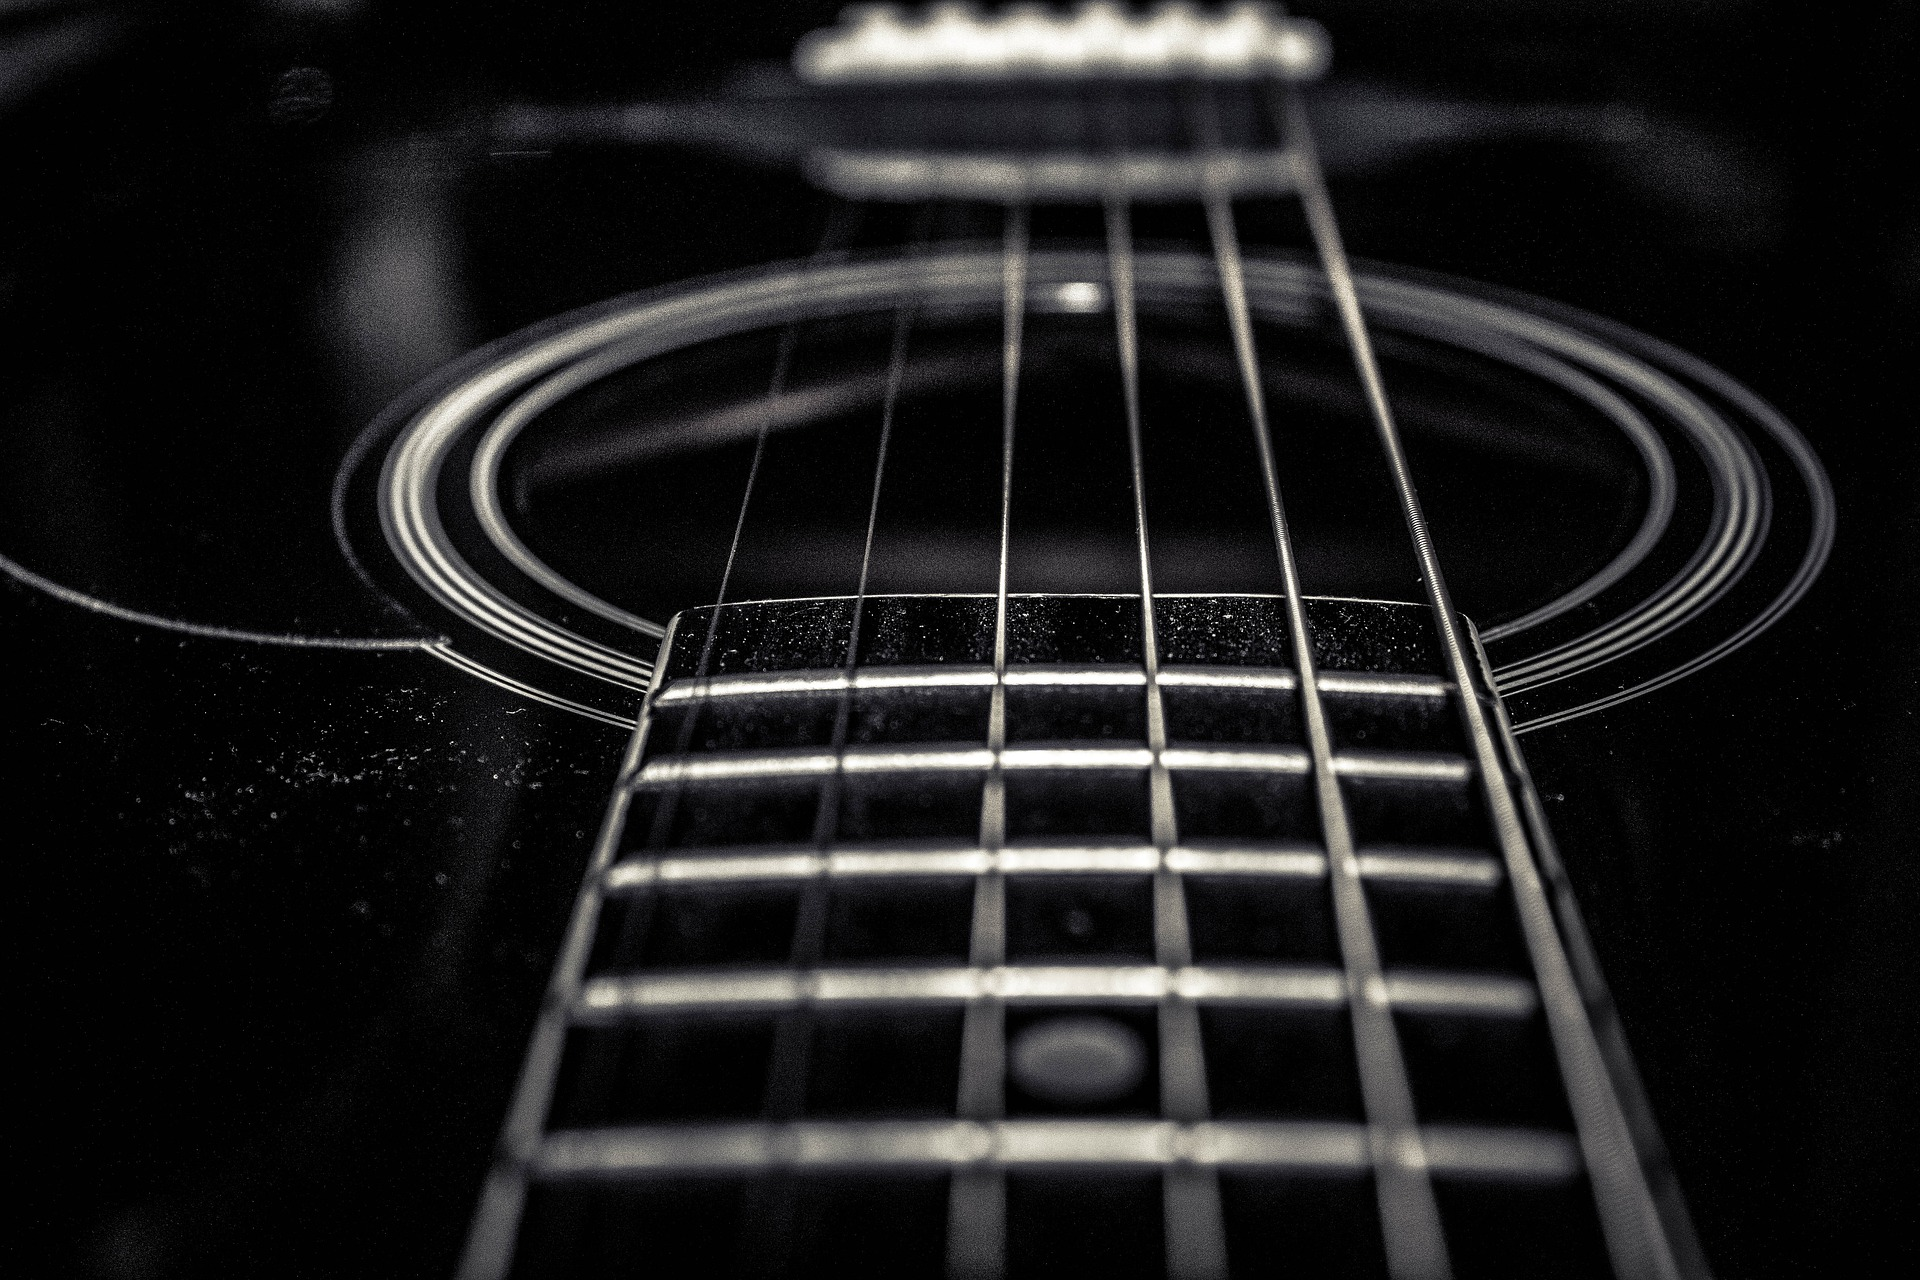 Guitar sound box